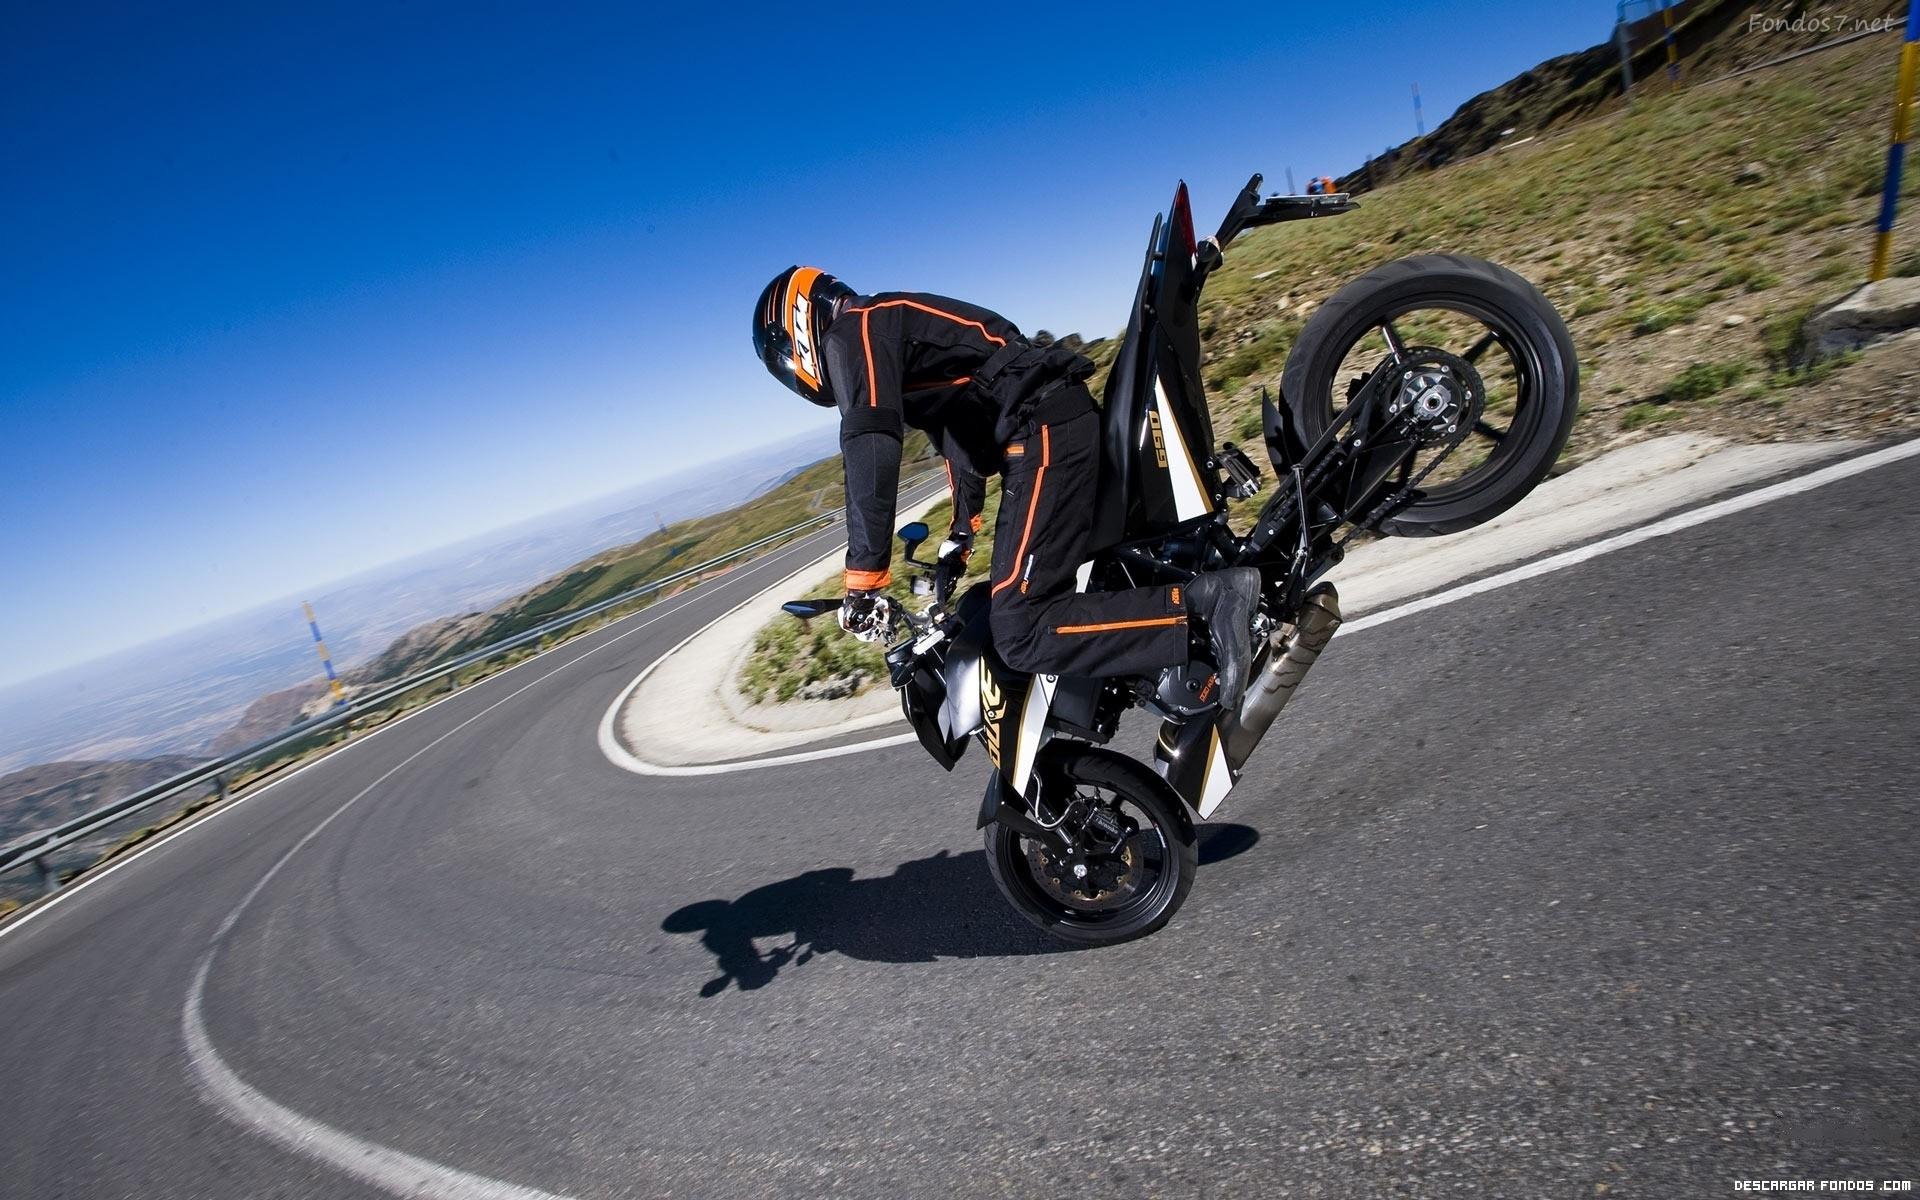 Trucos en la motocicleta